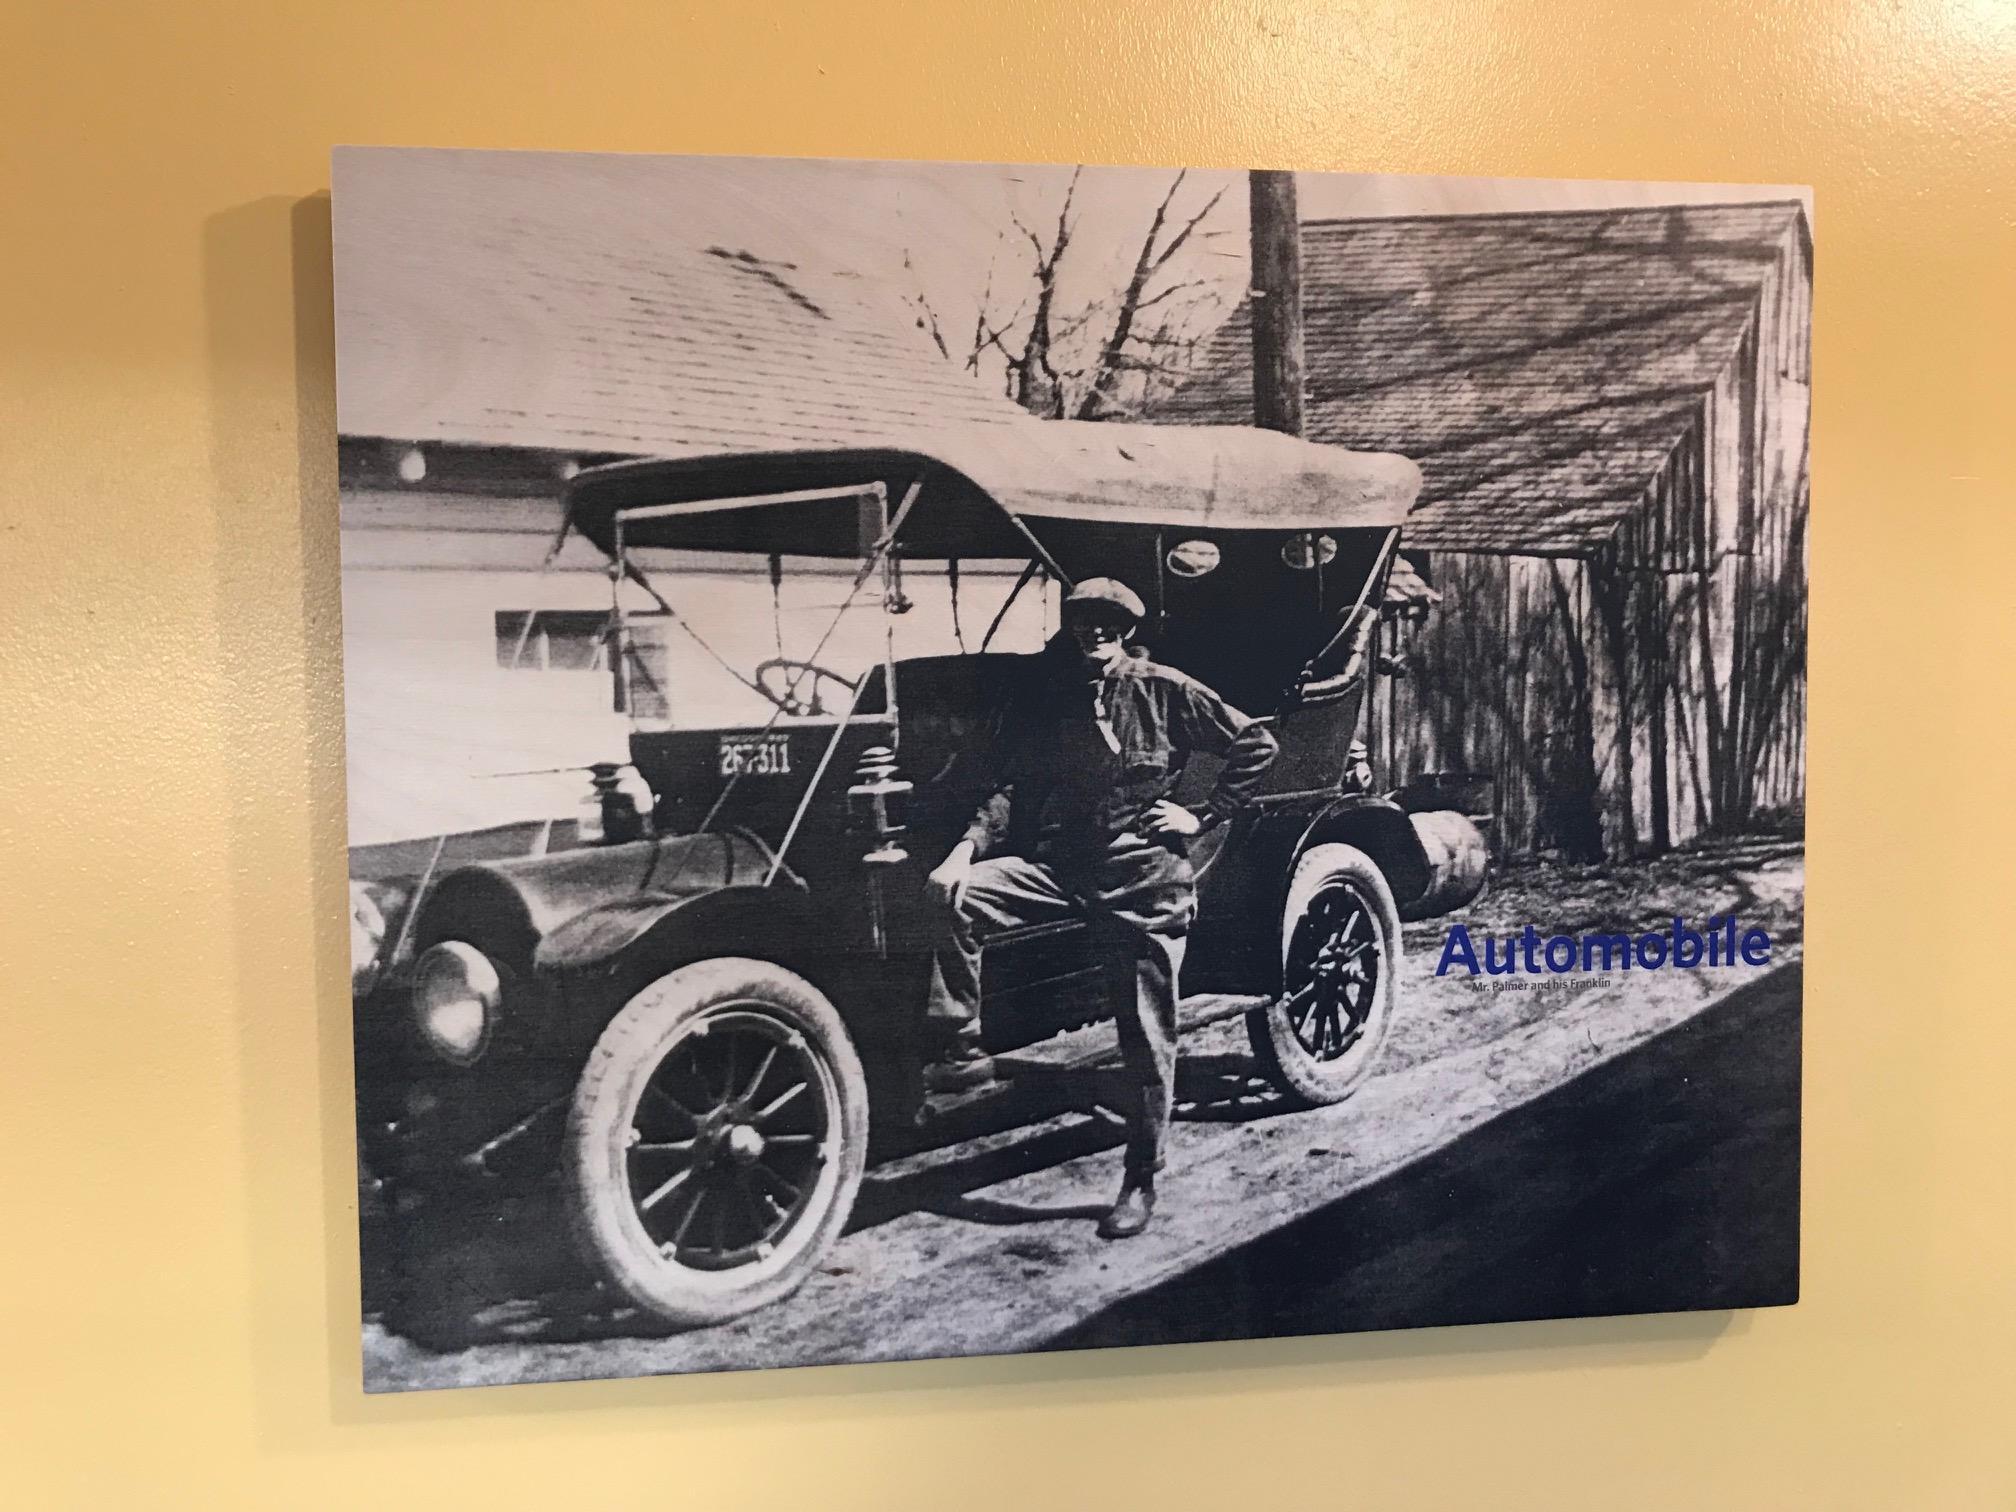 Rob LaVigne: Allstate Insurance image 5